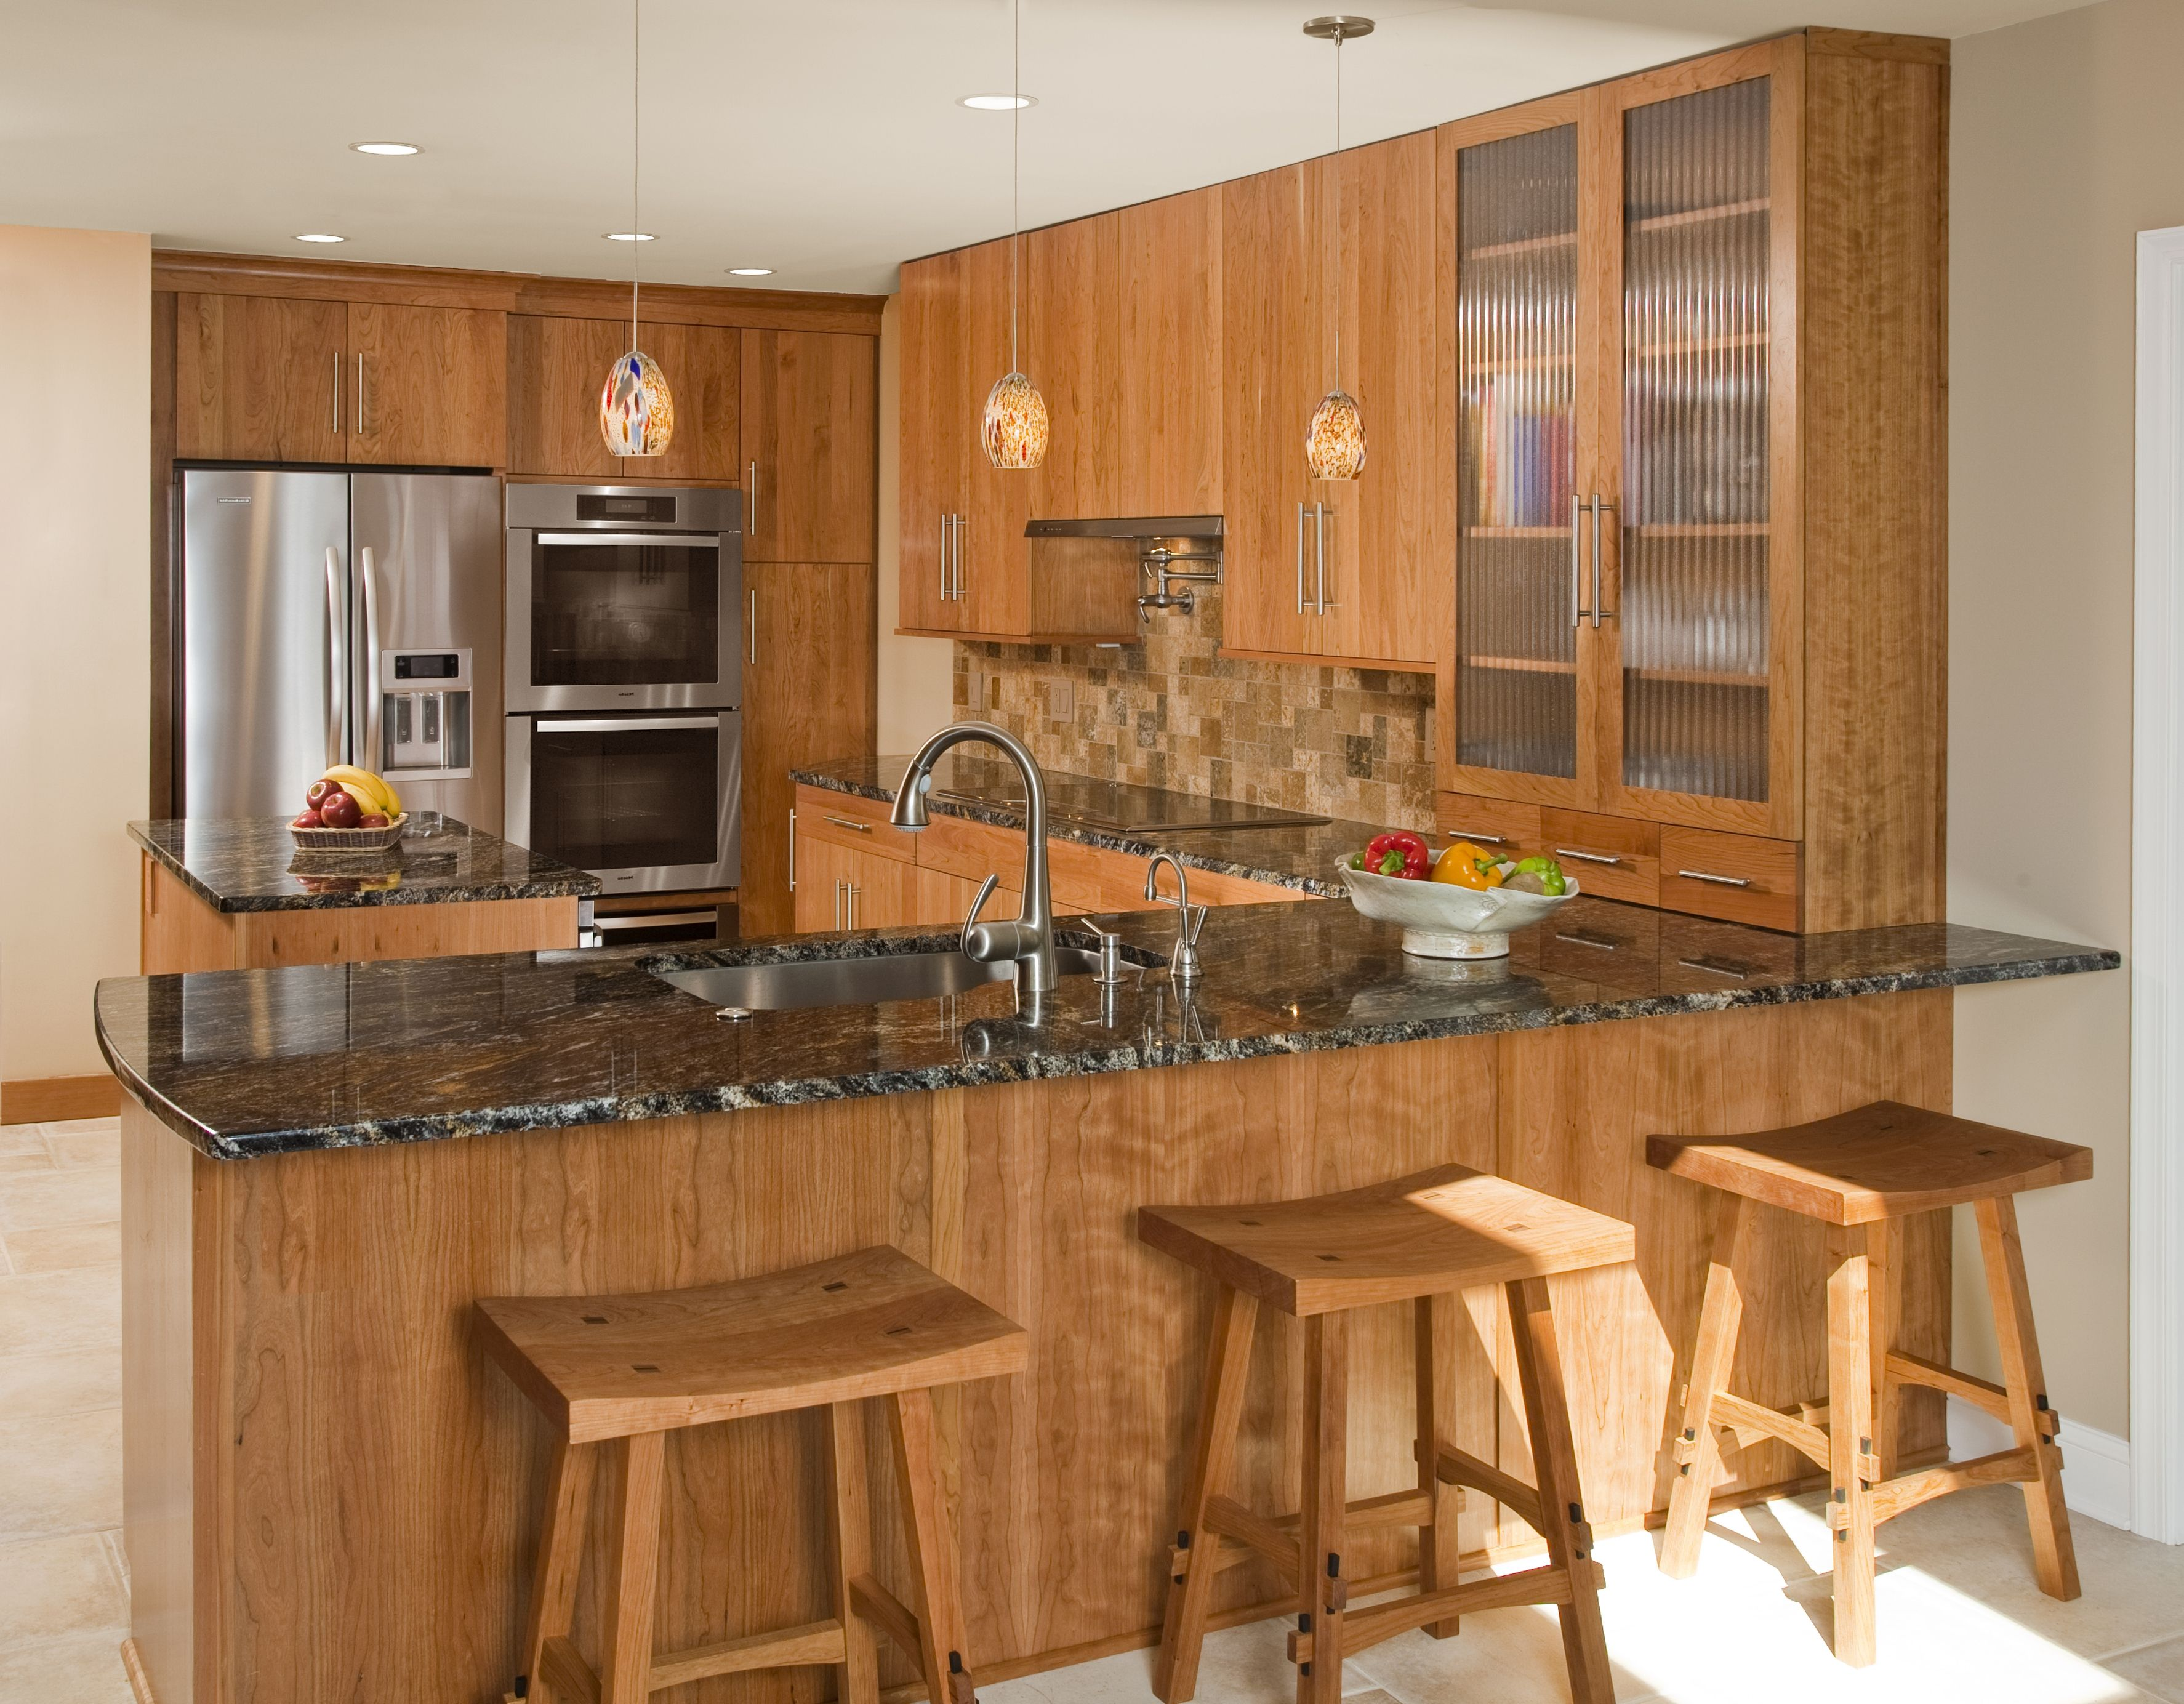 151 Modelos De Cozinha Americana Pequena 8 Dicas Cozinha